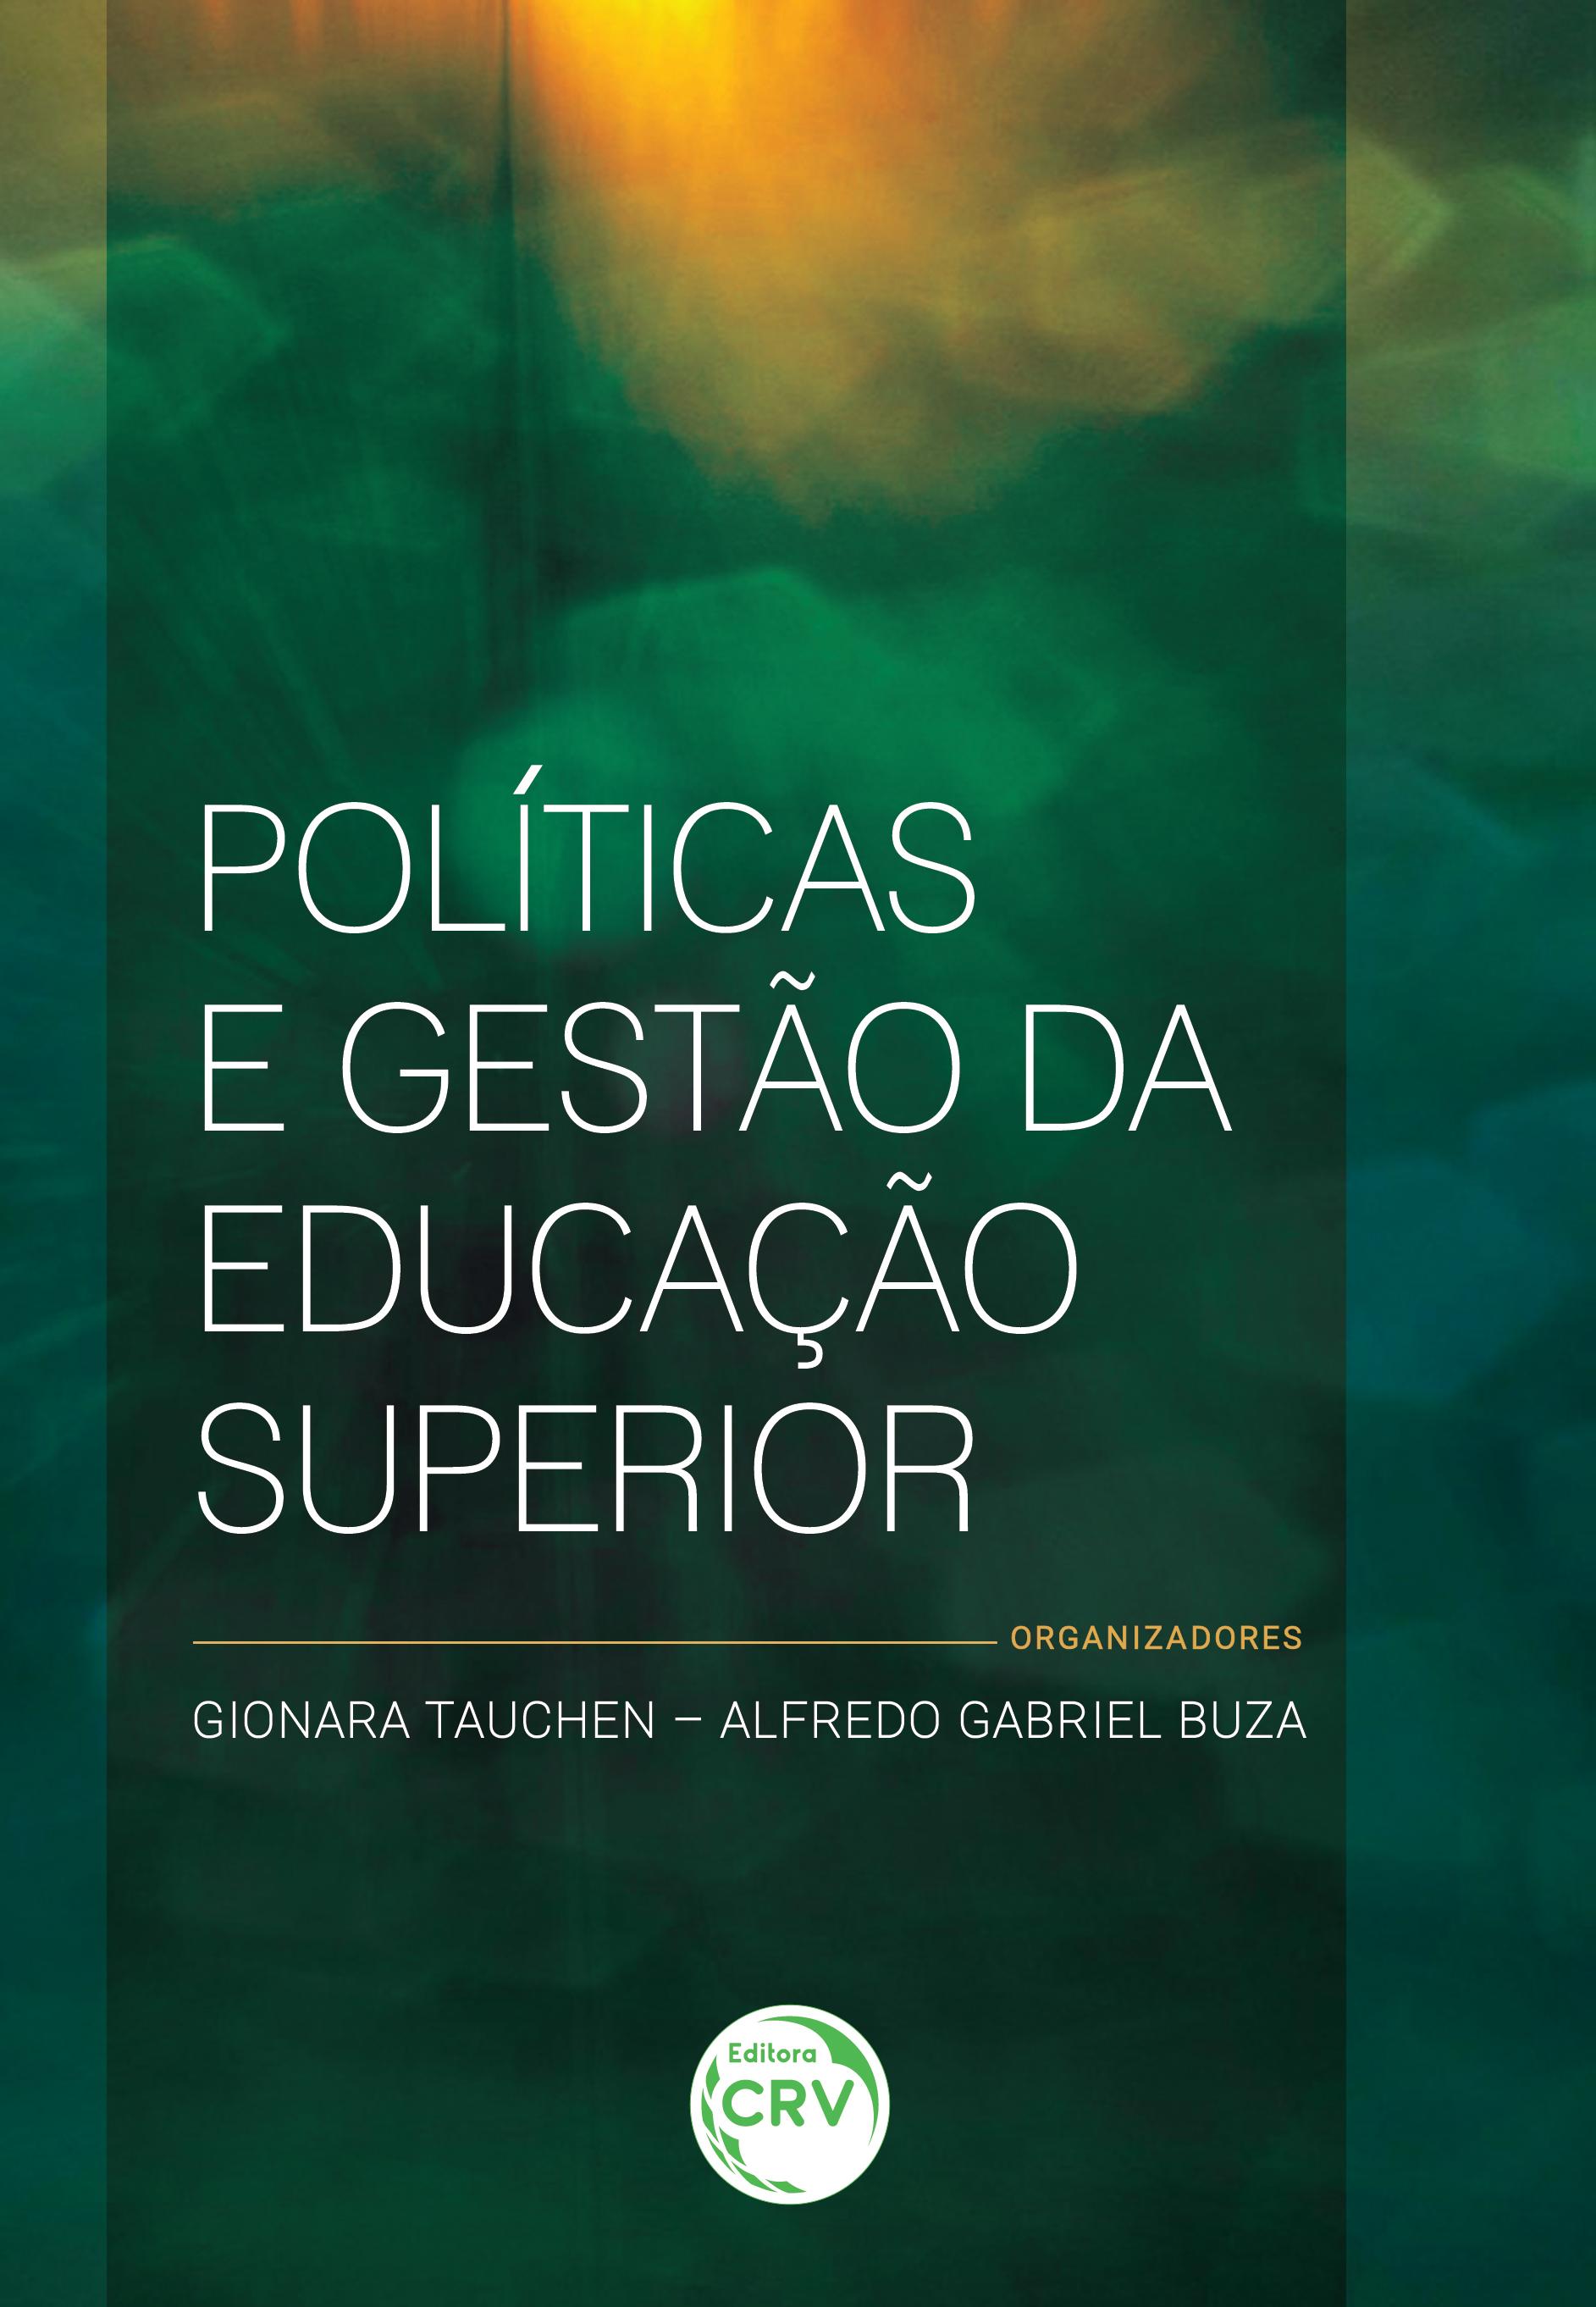 Capa do livro: POLÍTICAS E GESTÃO DA EDUCAÇÃO SUPERIOR